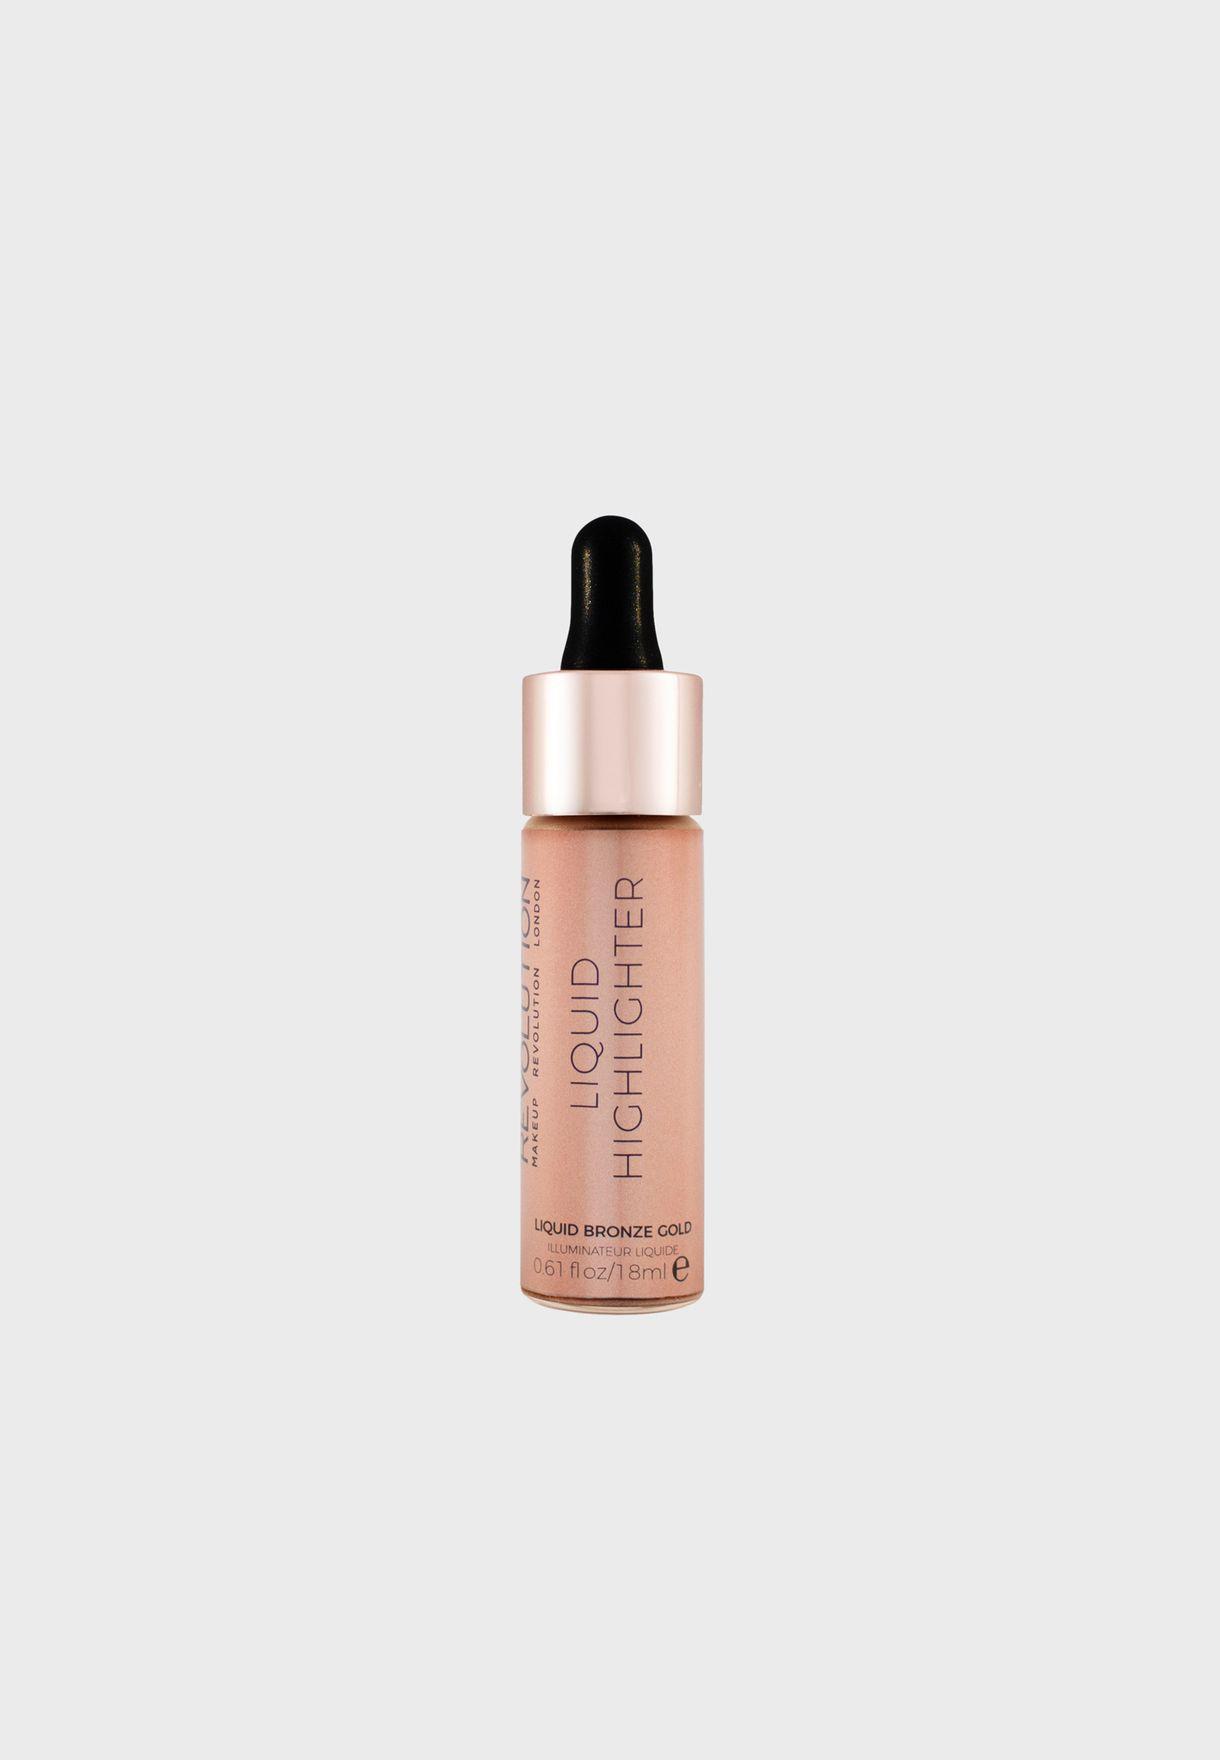 Revolution Liquid Highlighter Liquid Bronze Gold